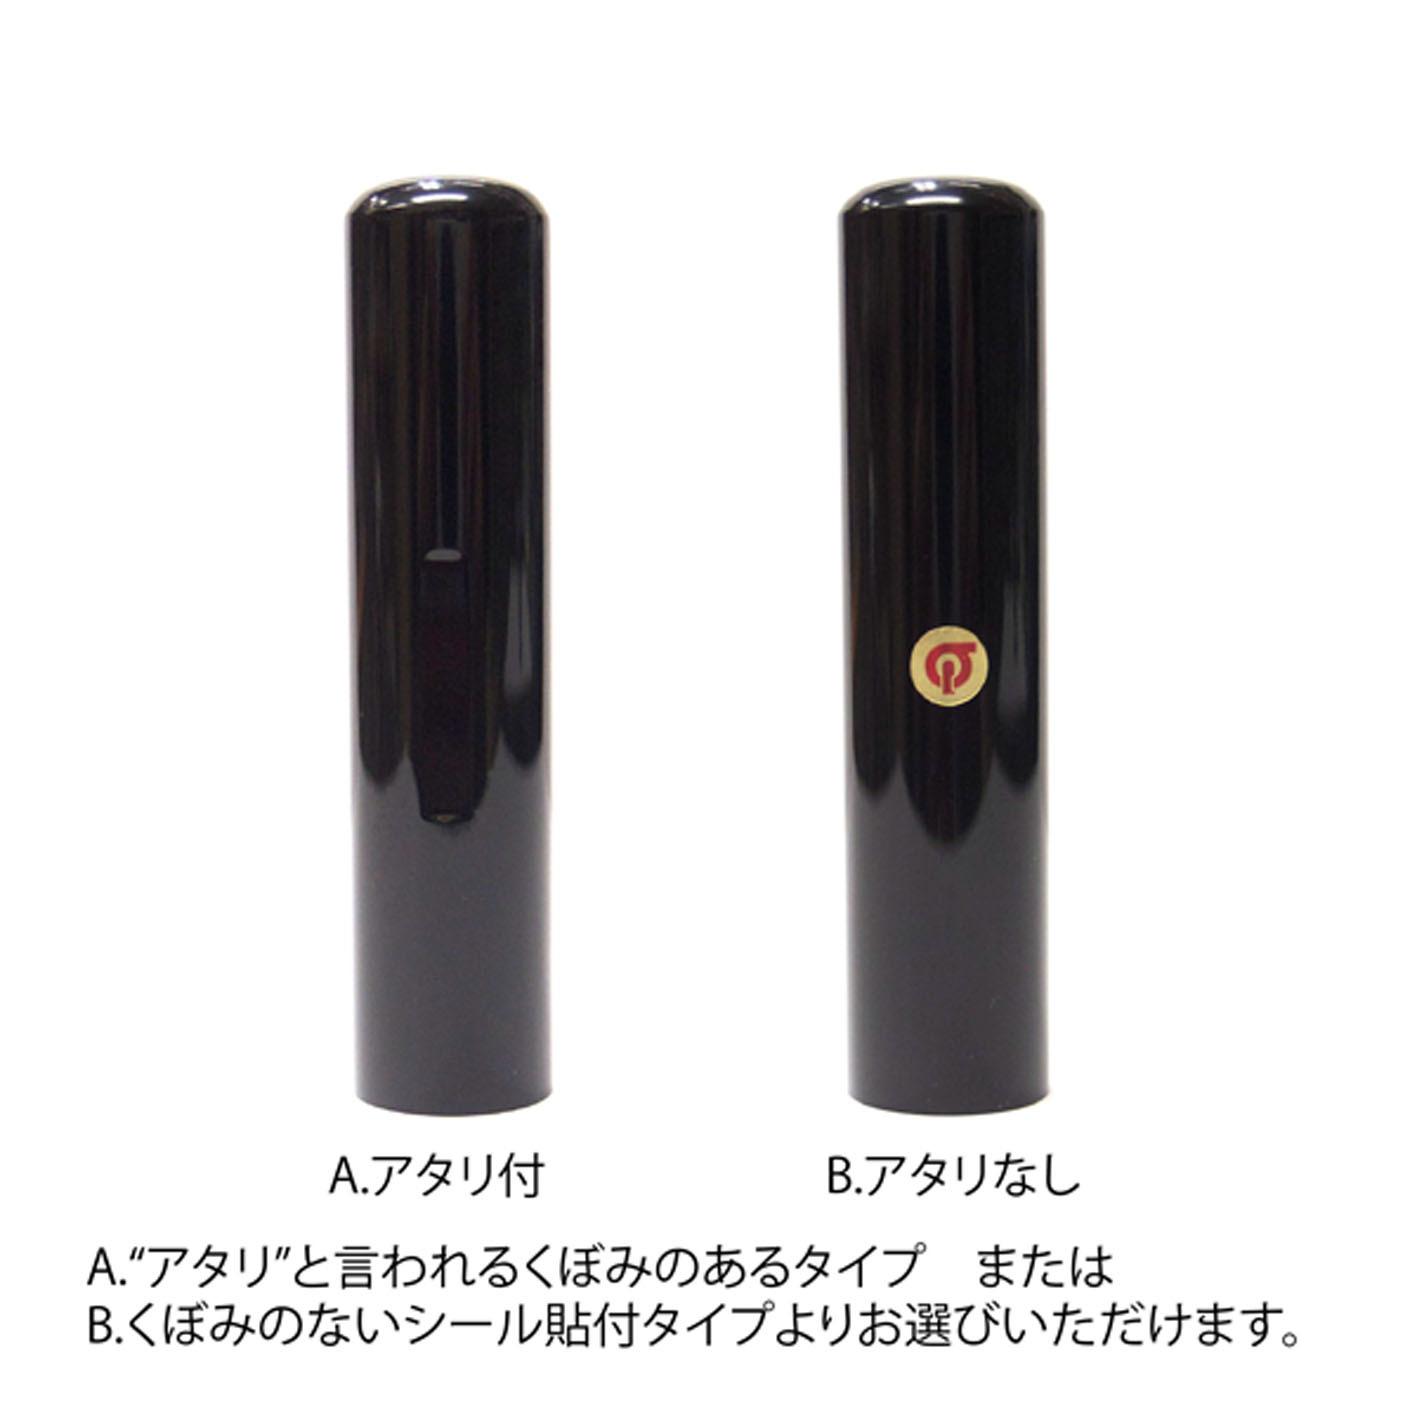 黒水牛個人銀行/認印15mm丸(姓または名)